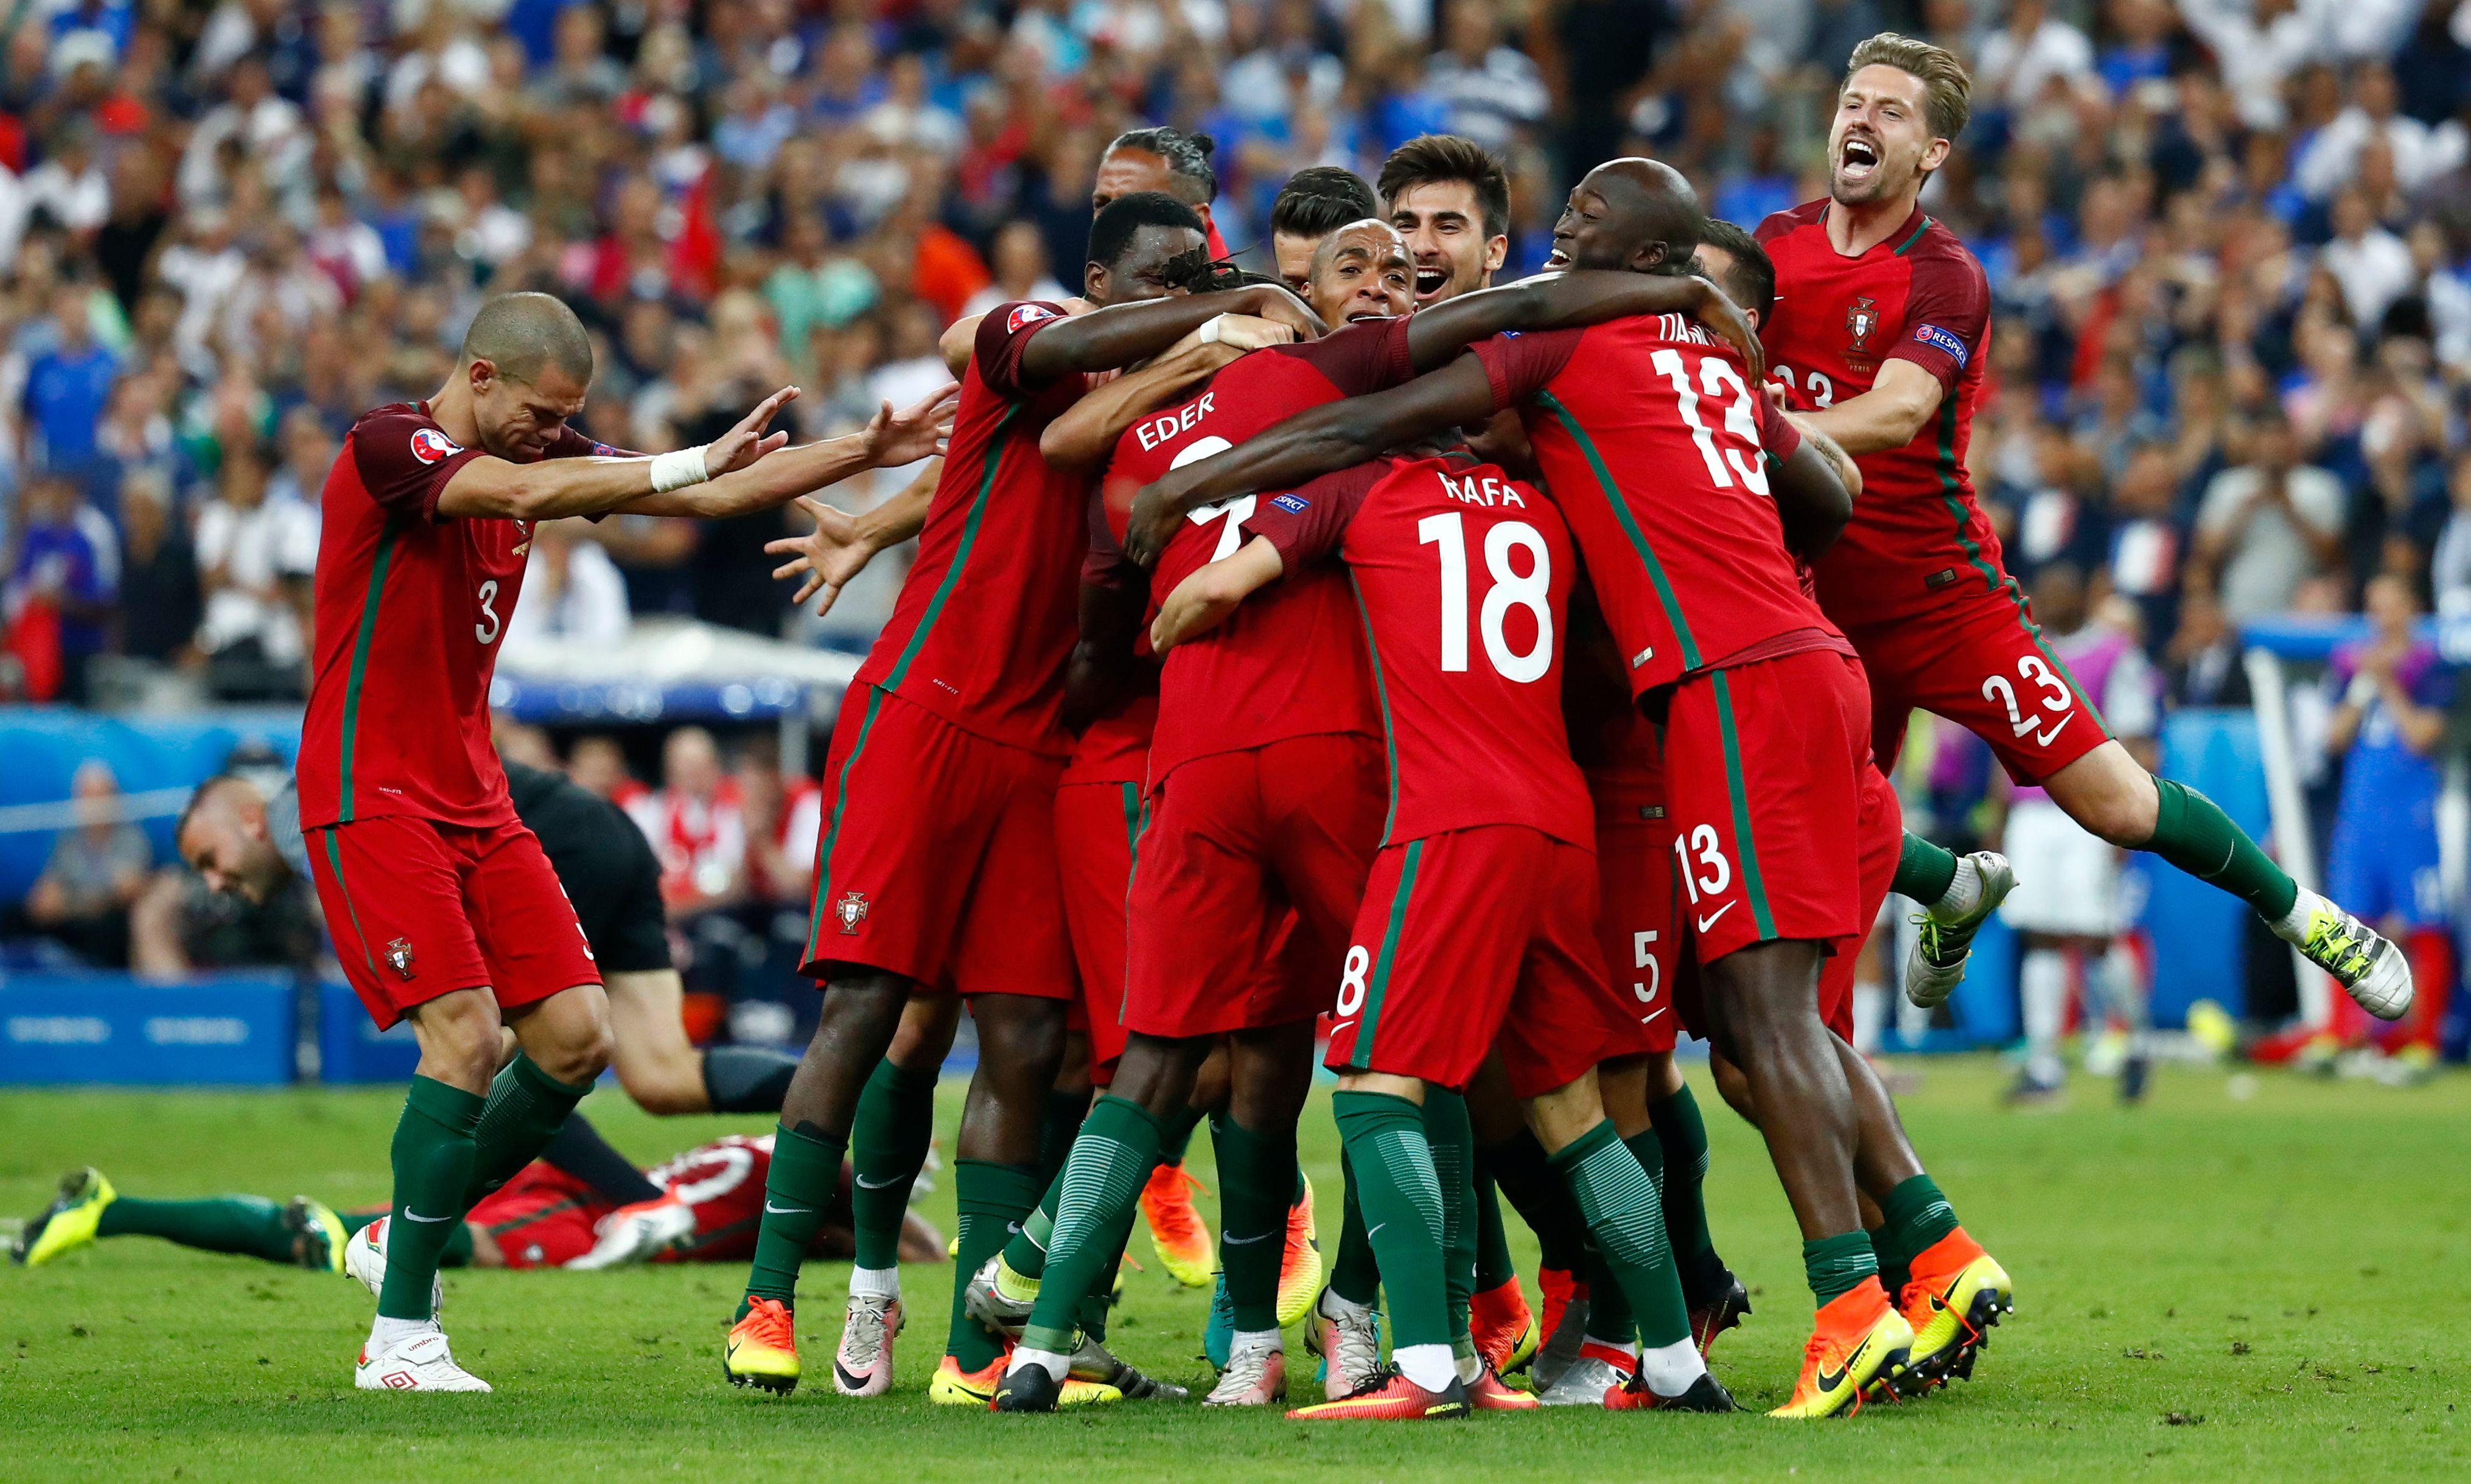 Euro 2016 : le Portugal est champion d'Europe pour la première fois de son histoire